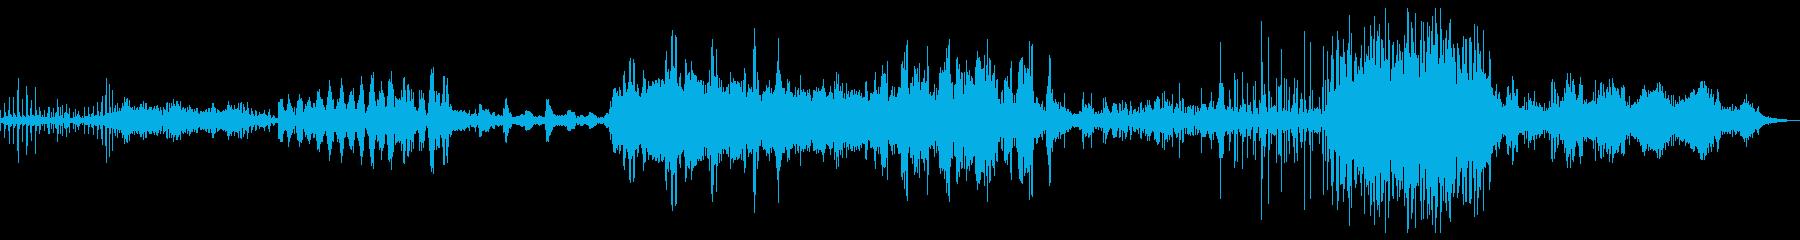 長い道のりミュージカルパルサーの再生済みの波形